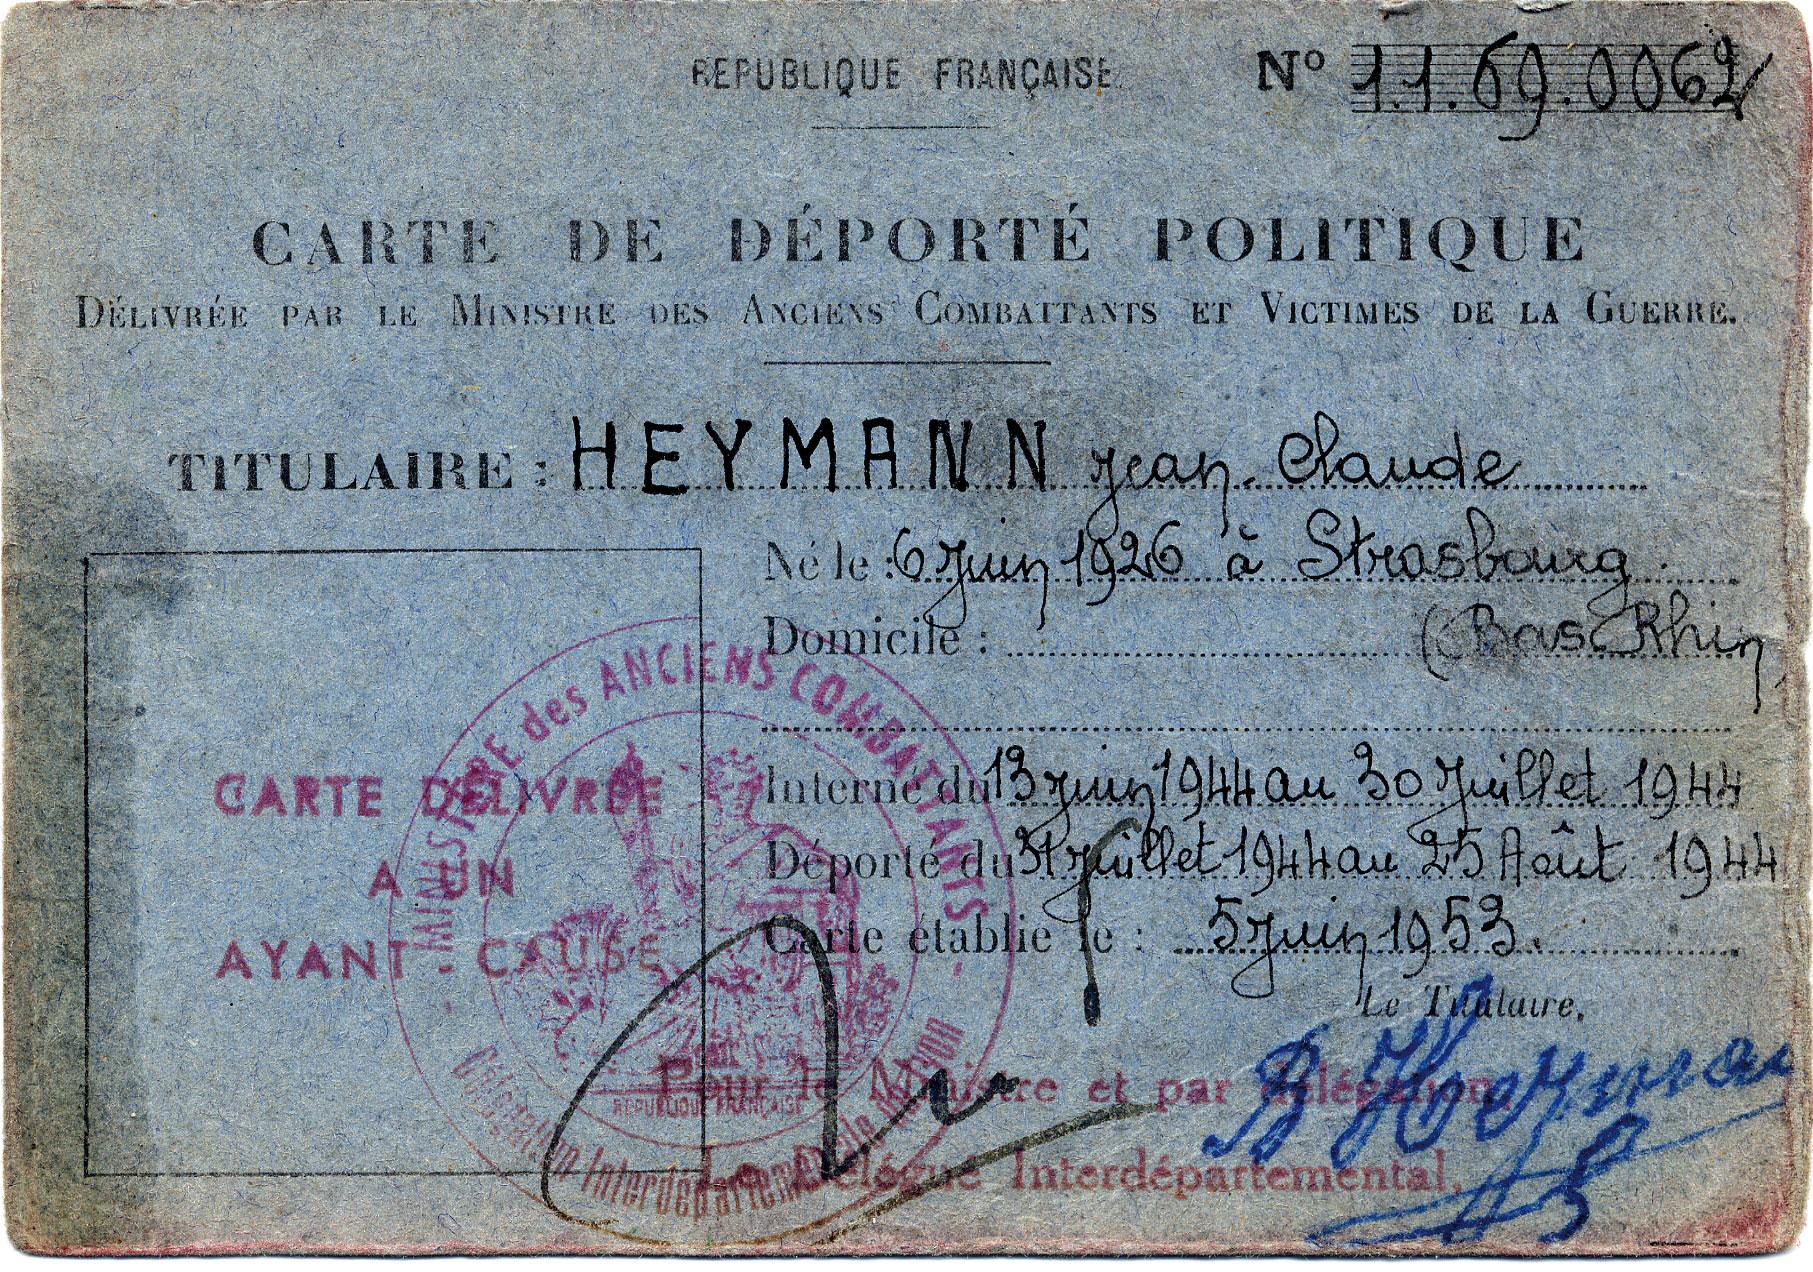 Carte de déporté politique de Jean-Claude, Heymann, Lyon